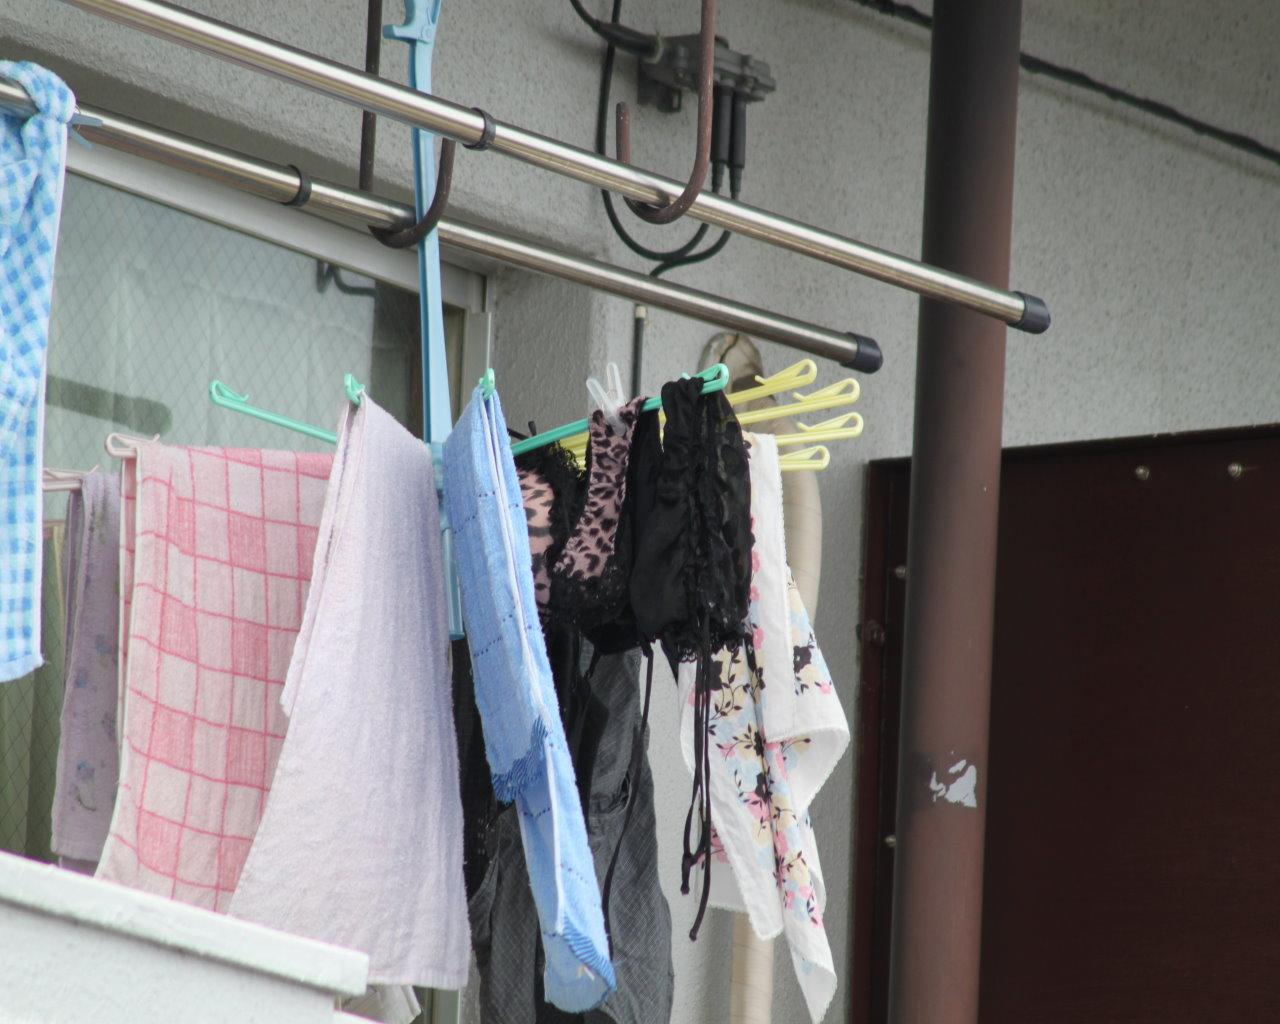 古い一軒家に住むjk妹のベランダの純白下着盗撮エロ画像4枚目